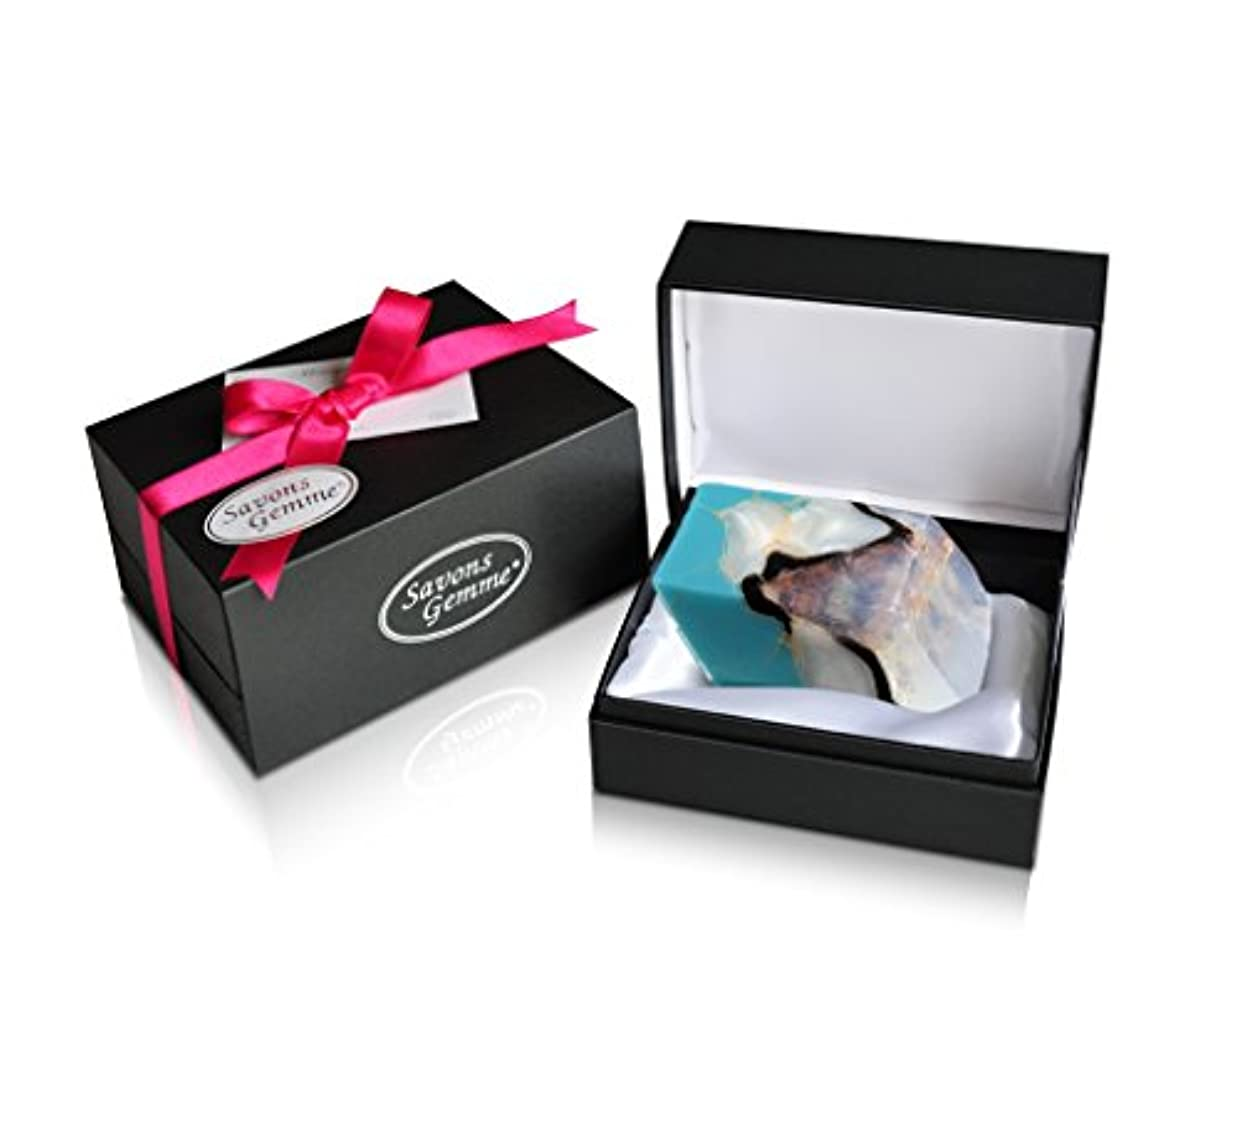 トリム不潔免疫Savons Gemme サボンジェム ジュエリーギフトボックス 世界で一番美しい宝石石鹸 フレグランス ソープ ターコイズ 170g